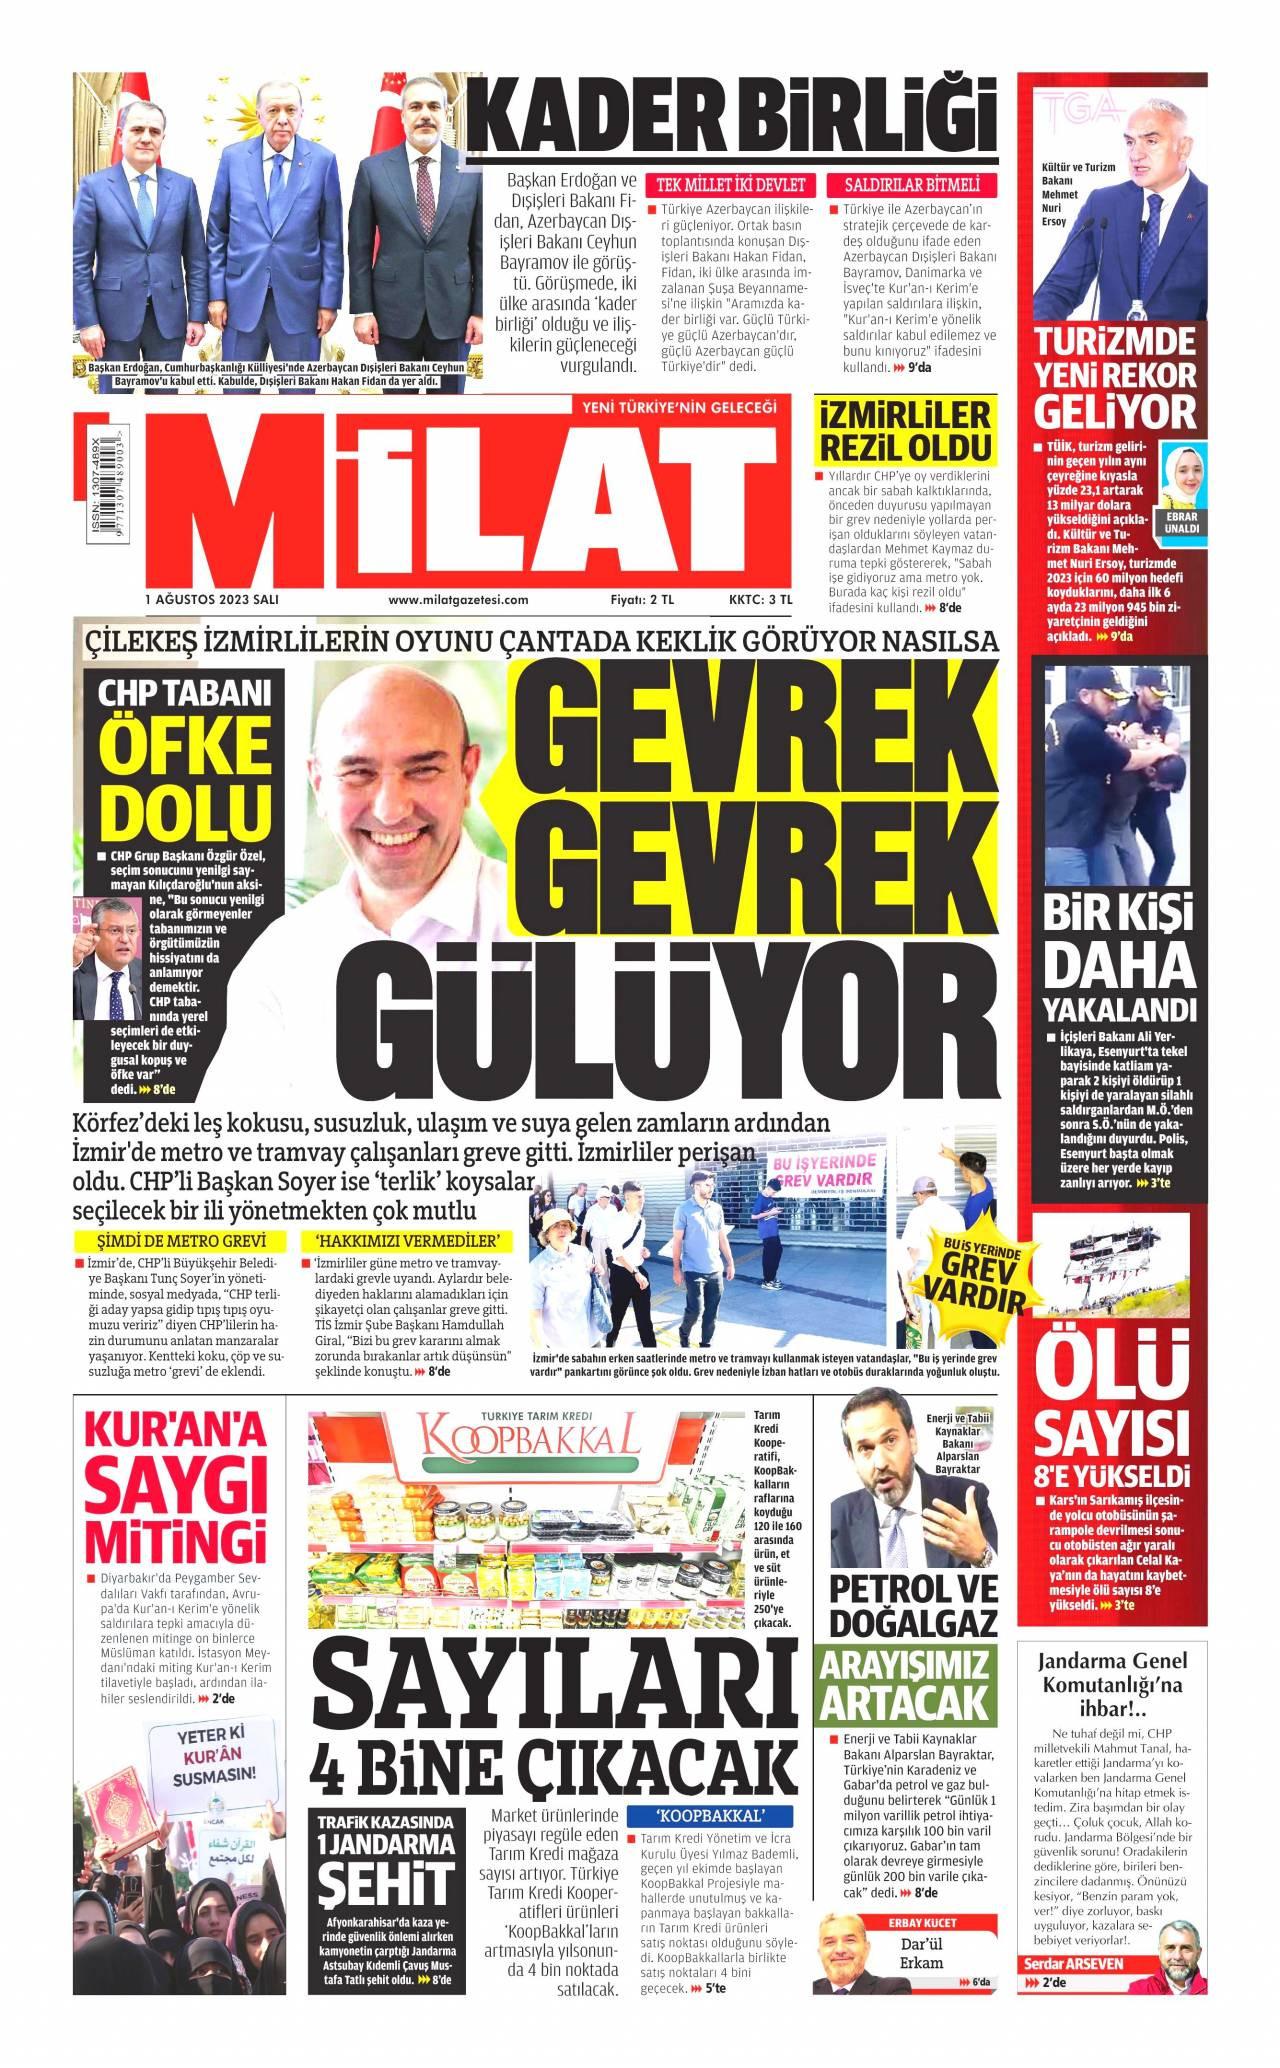 22 Kasım 2019, Cuma milat Gazetesi